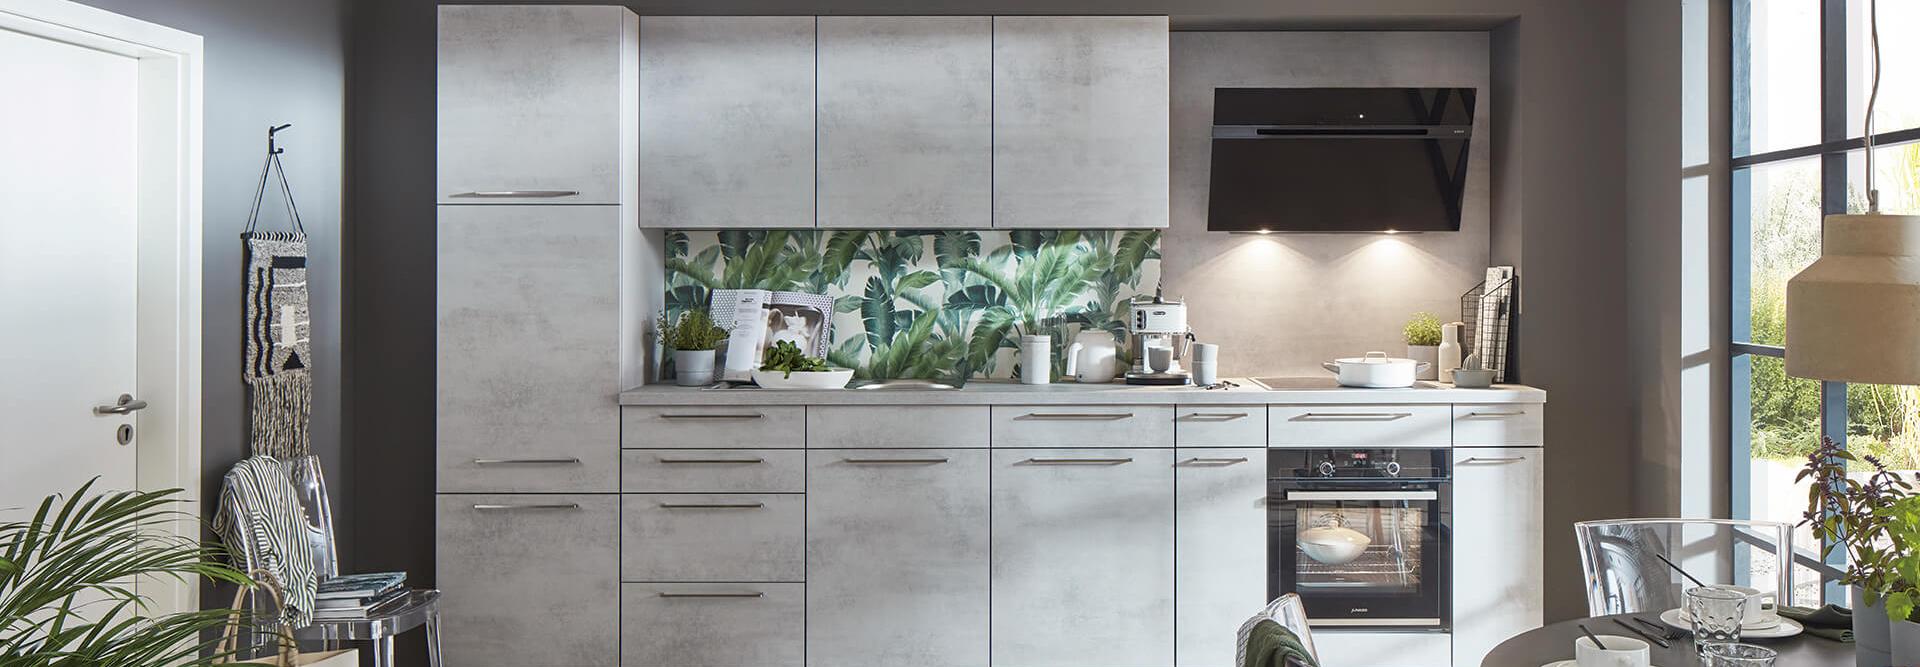 Moderne Kuechenzeile küchenrückwand Urban Jungle Beton-Optik mit Elektrogeräten nobilia Wohn Schick